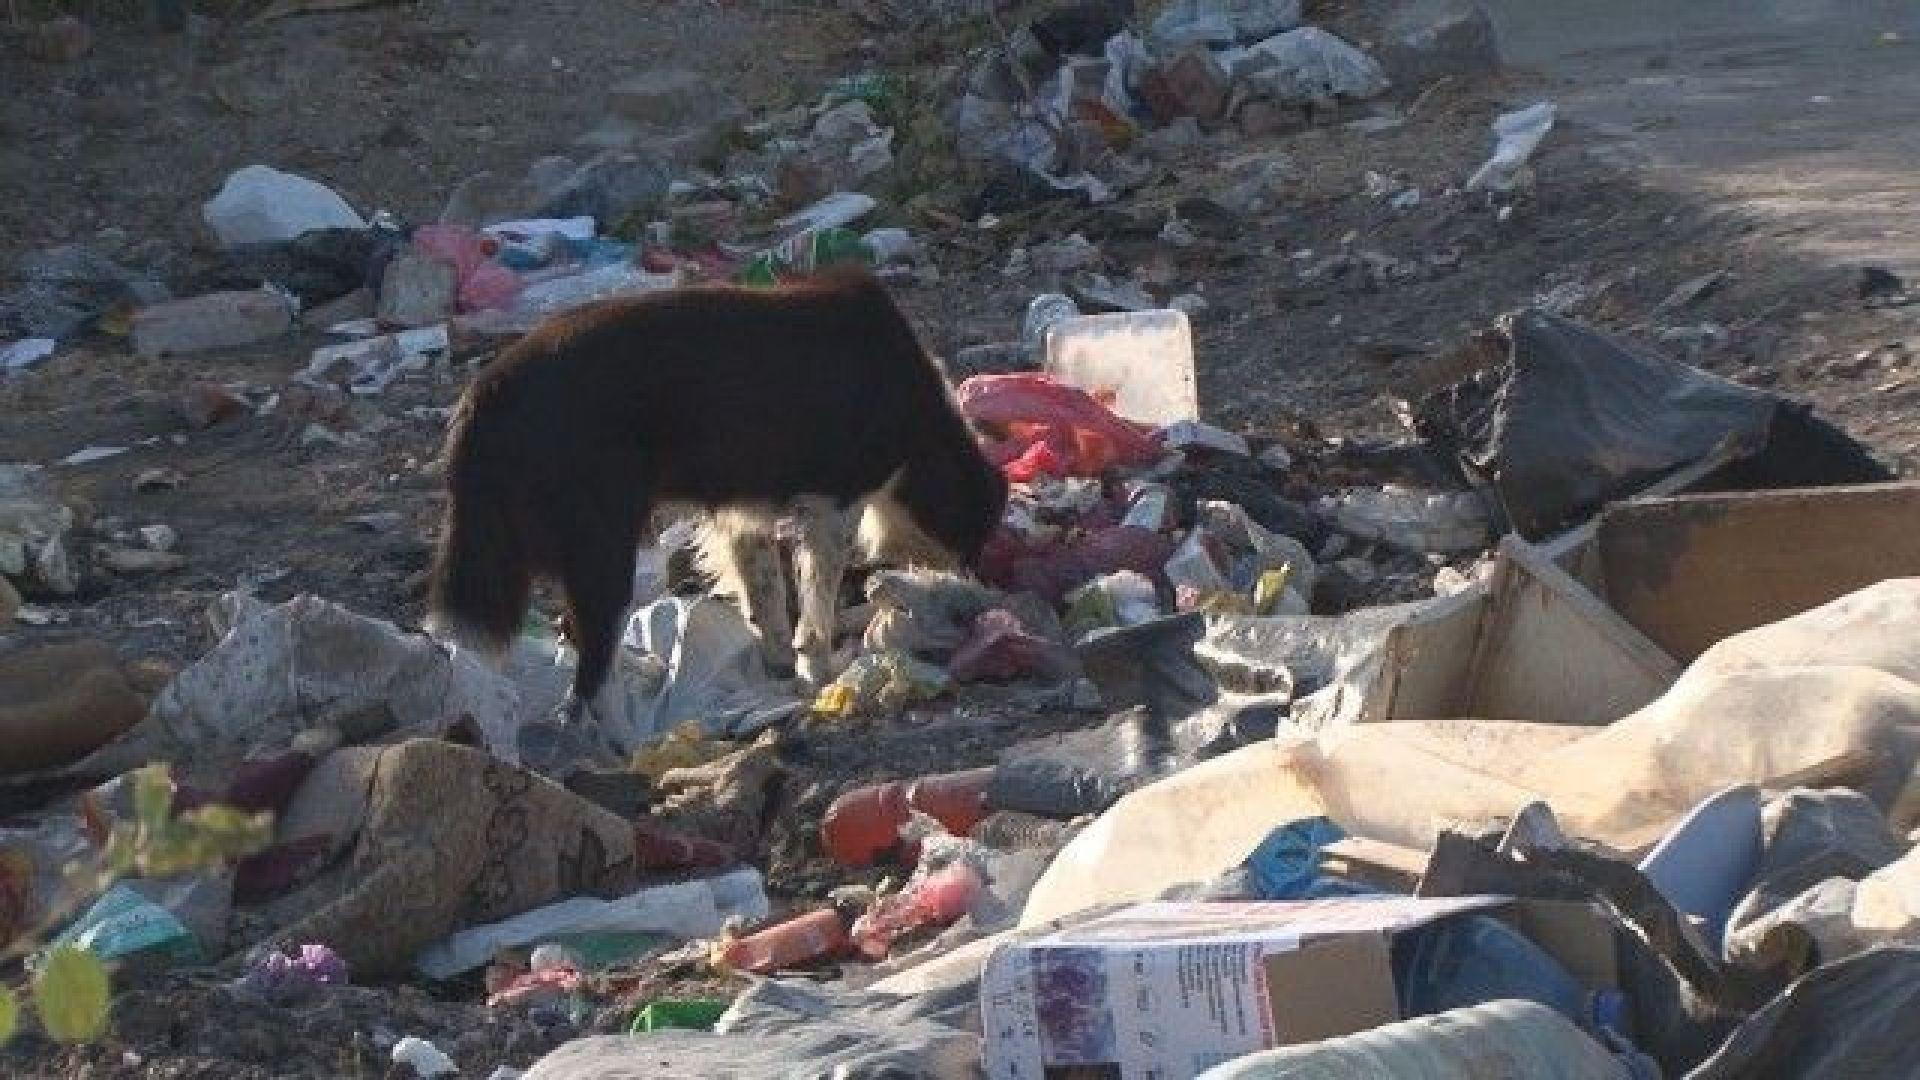 Незаконно сметище в бургаски квартал: Кой трябва да почисти тоновете боклуци?